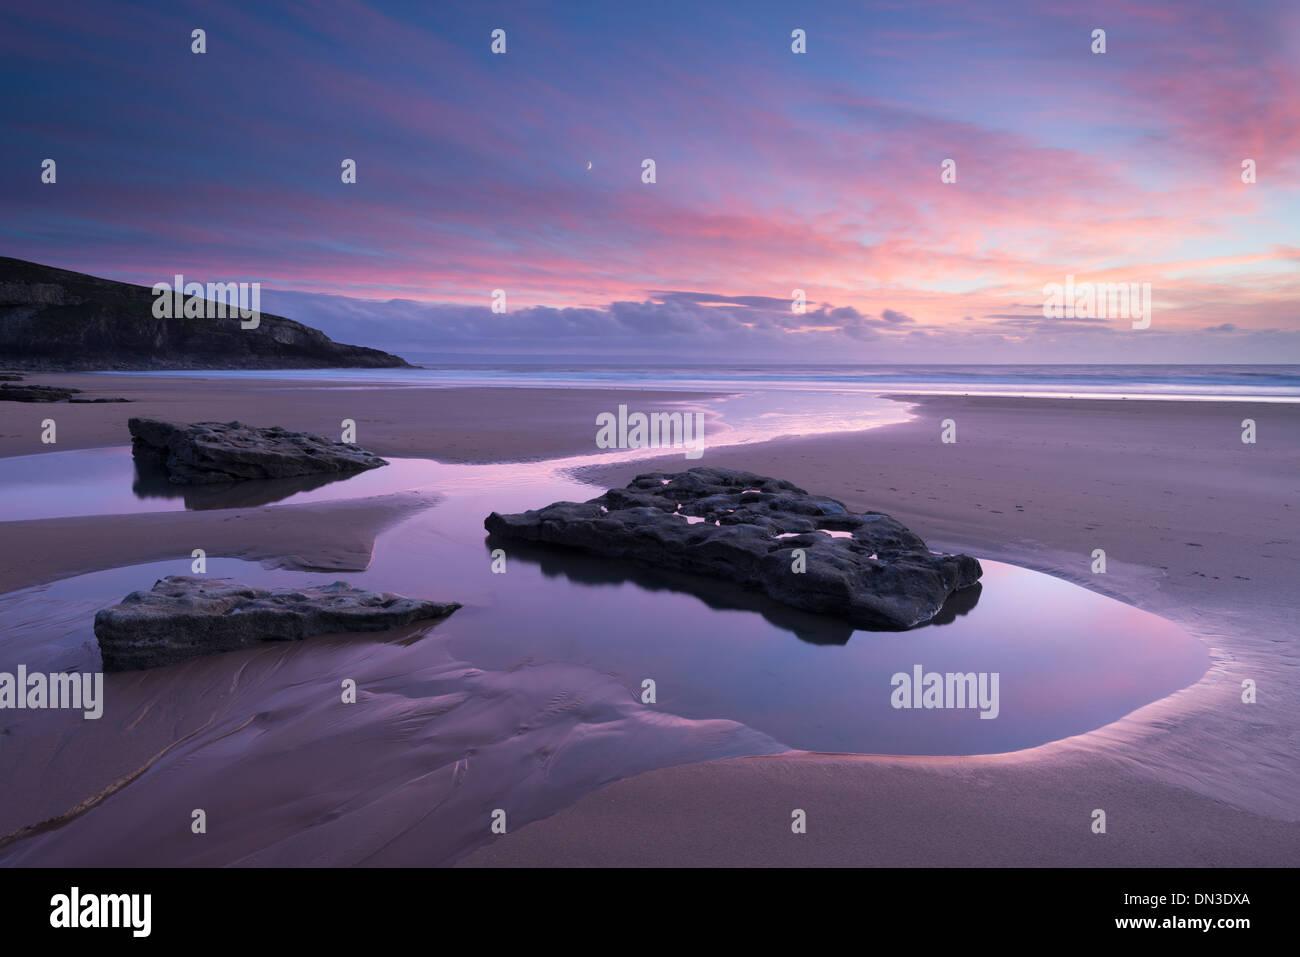 Magnifique coucher de soleil au-dessus de Dunraven Bay, Southerndown, côte du Glamorgan, Pays de Galles. L'automne (octobre) 2013. Photo Stock